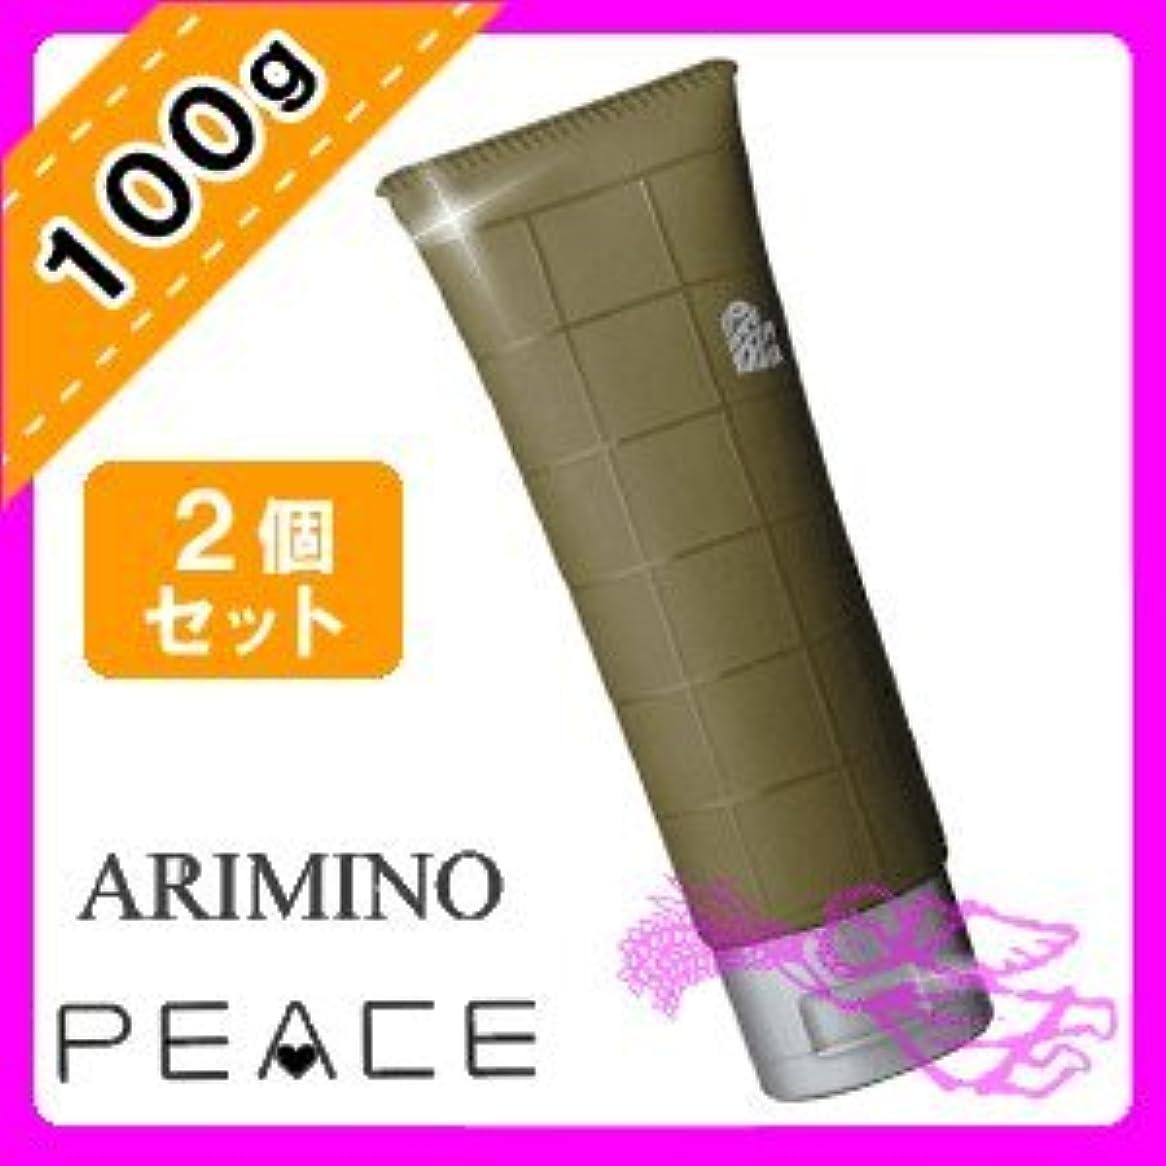 うるさい最適オーバードローアリミノ ピース ウェットオイル ワックス 100g ×2個セット arimino PEACE